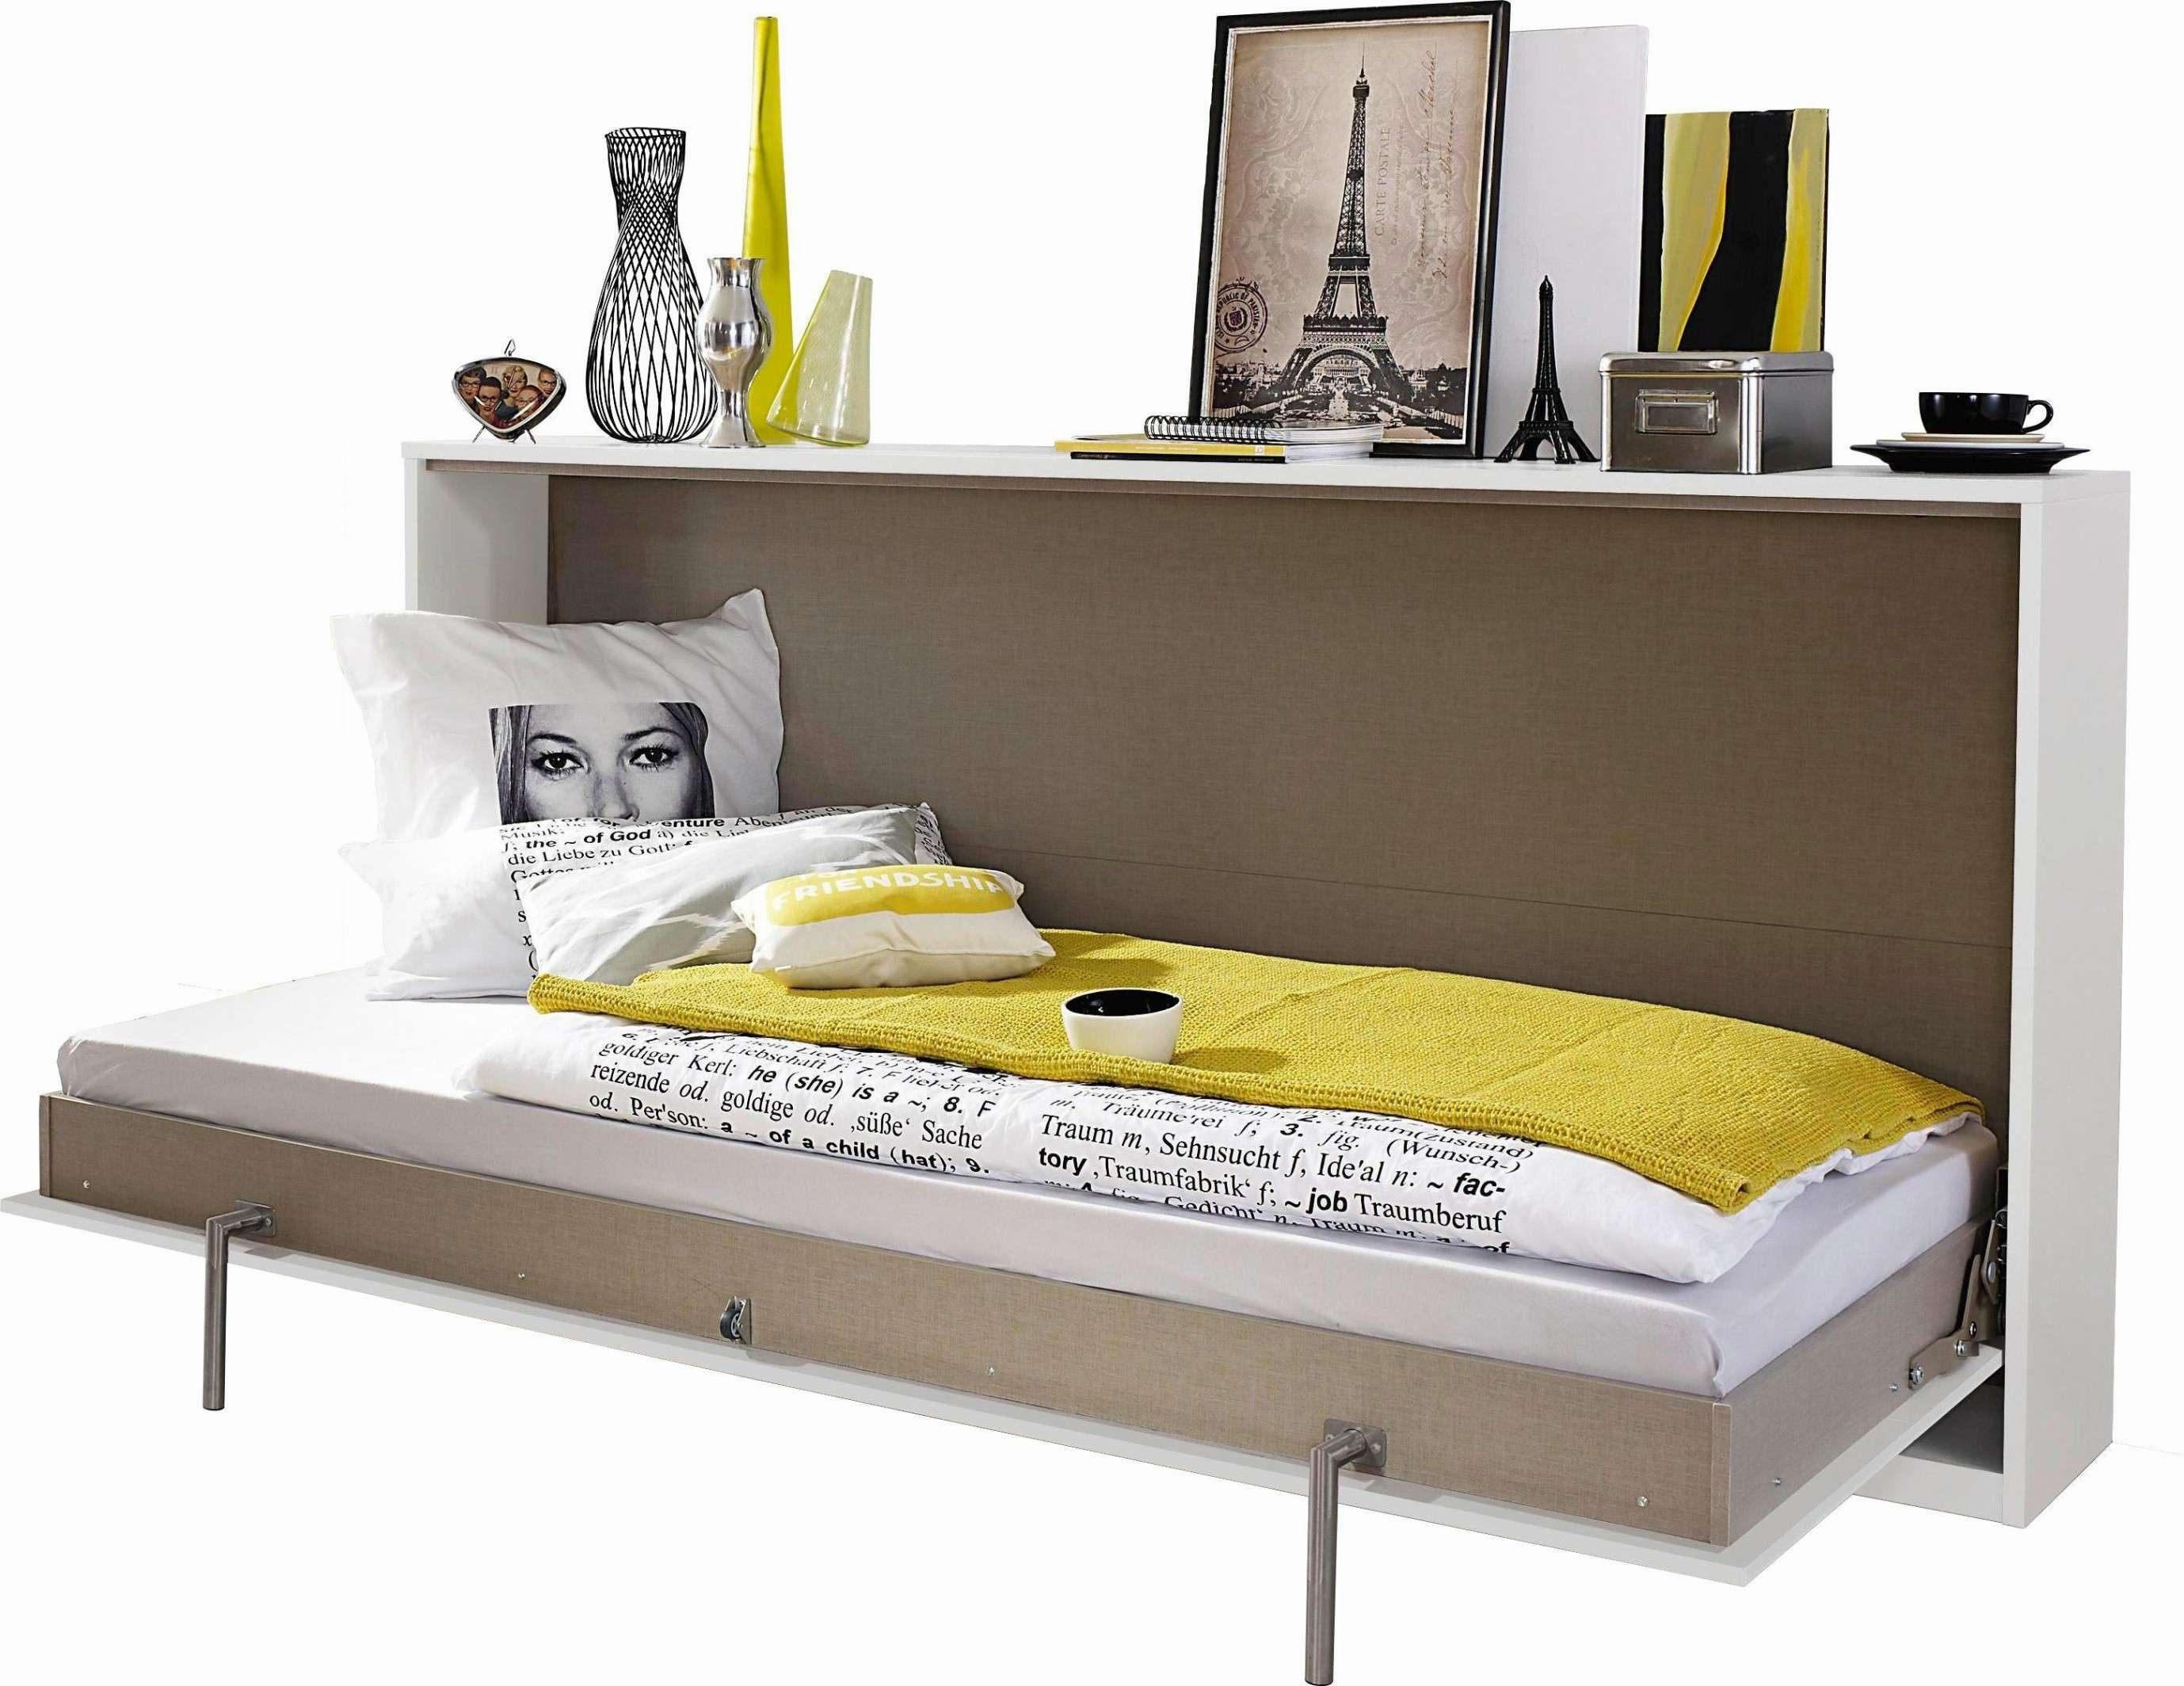 Tete De Lit Ado Joli Lit Ado Ikea Génial Tete De Lit Led L Gant 30 L Gant De Spot A Led